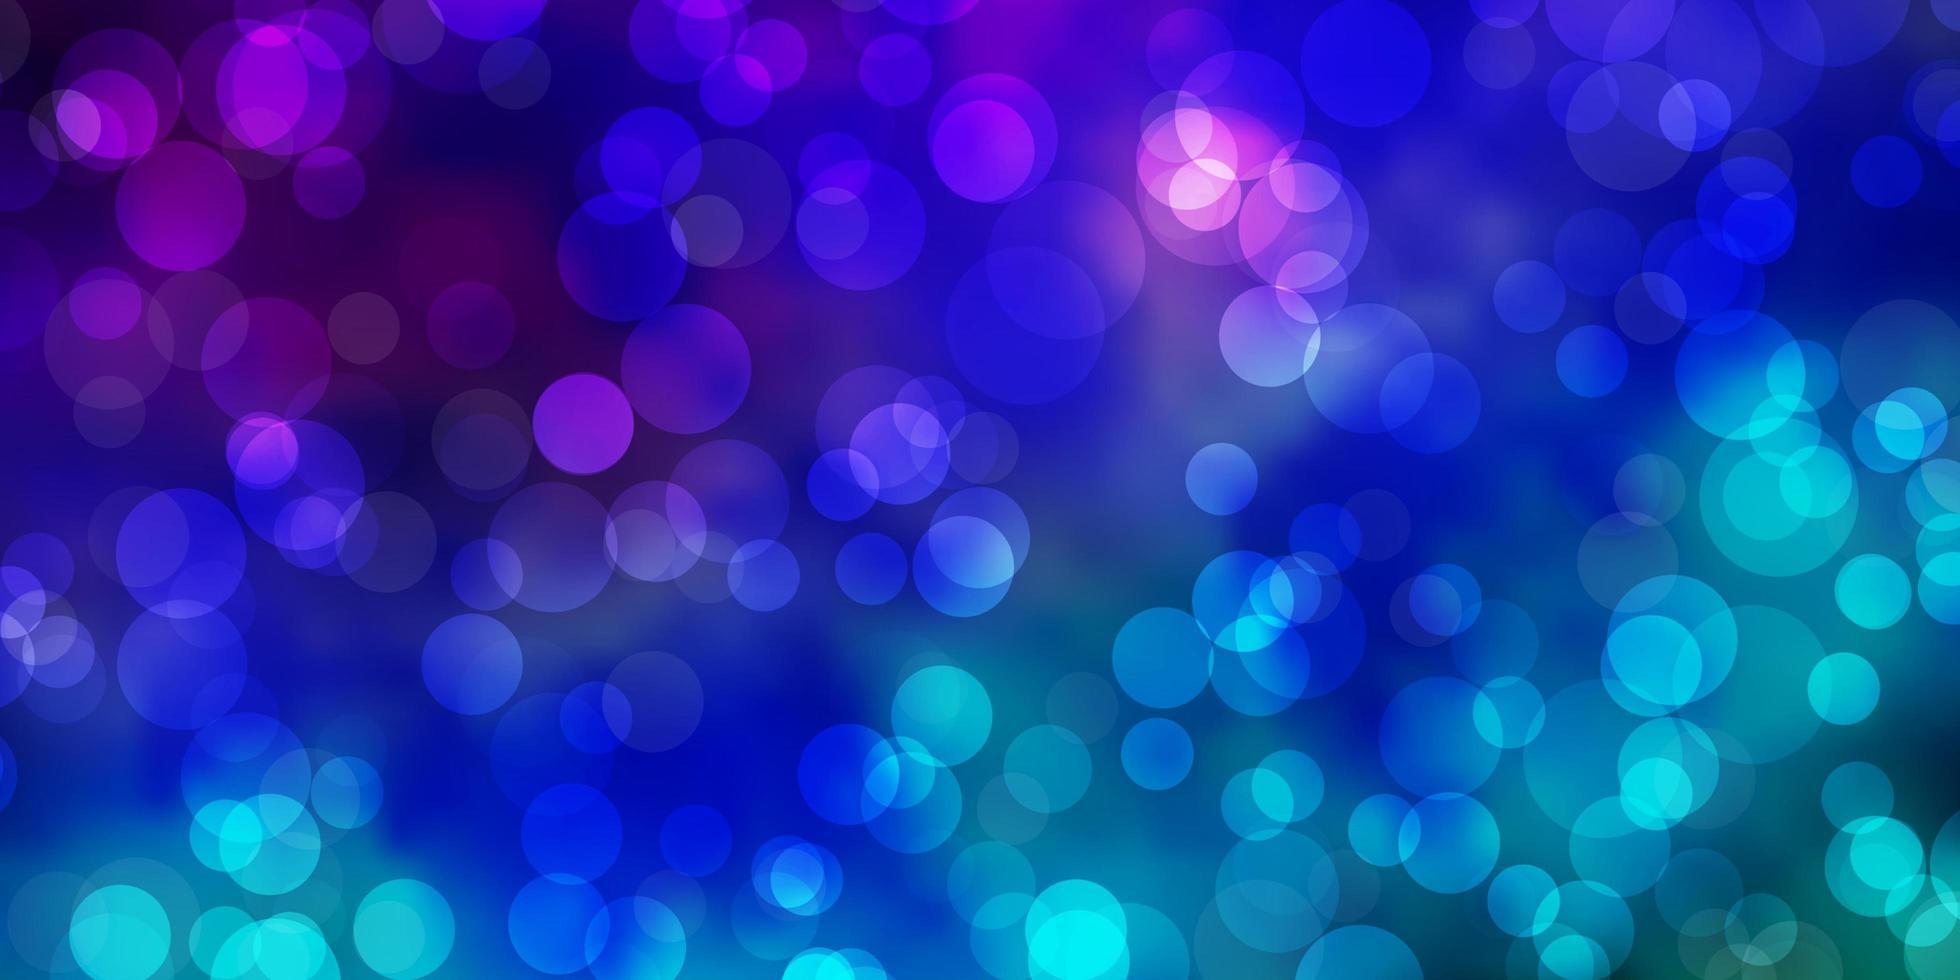 fond de vecteur multicolore clair avec des bulles.